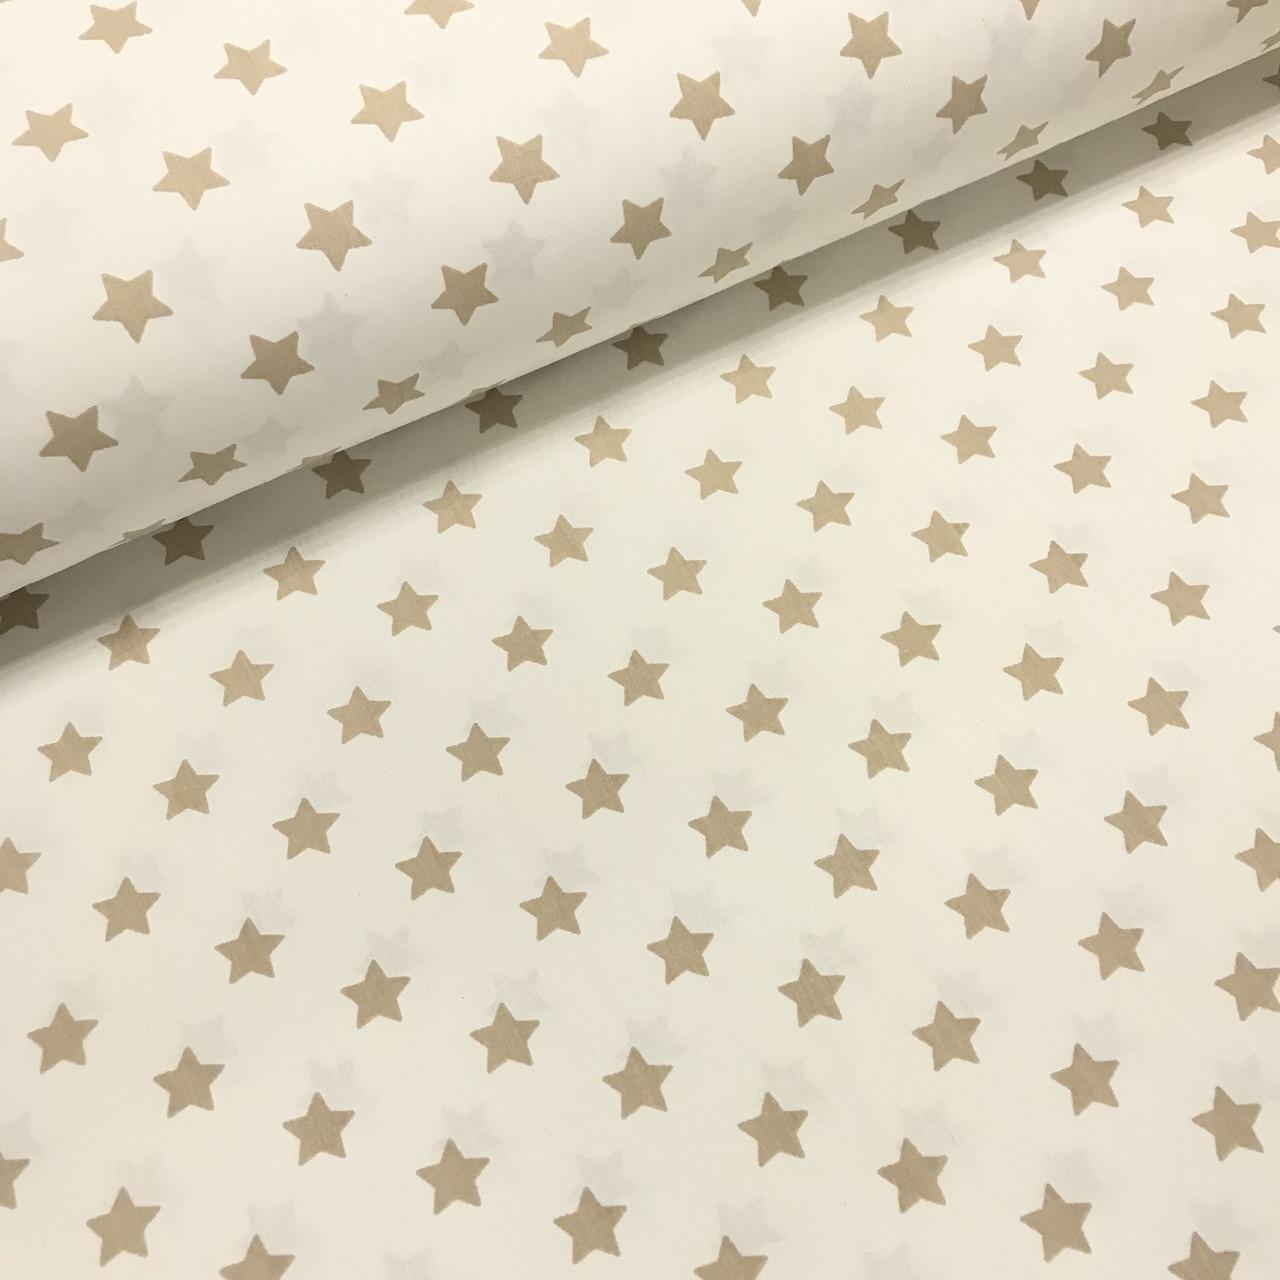 Ткань поплин звезды бежевые на белом средние (ТУРЦИЯ шир. 2,4 м)